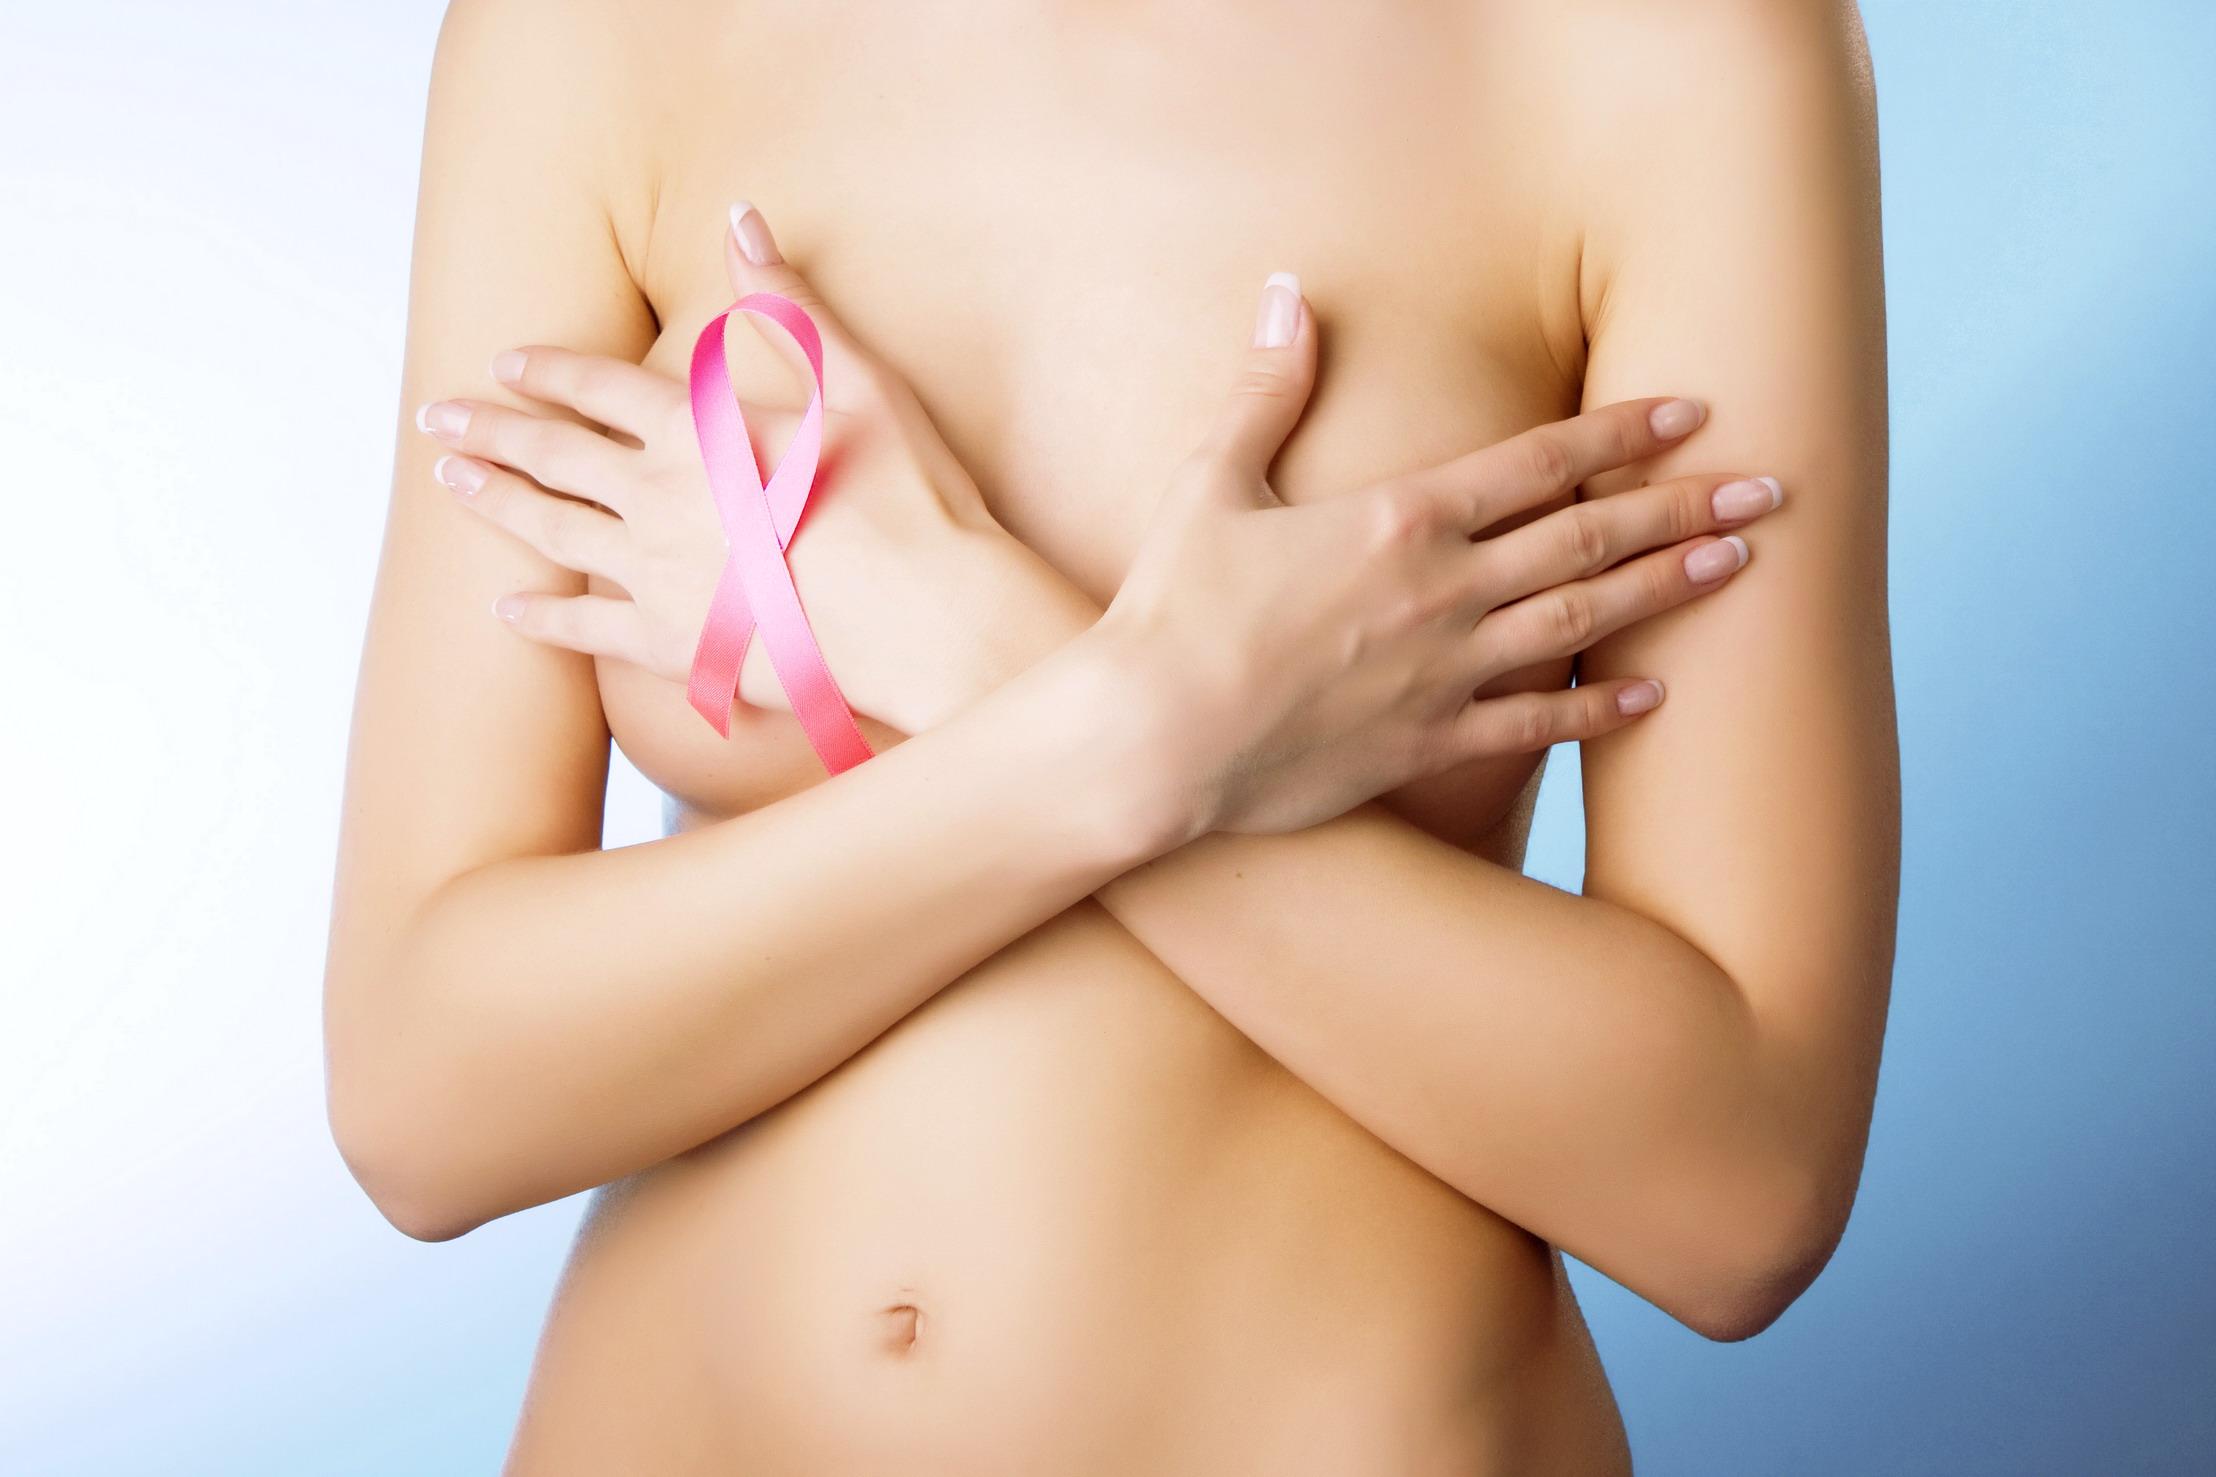 Quali sono i rischi dell'operazione al seno?